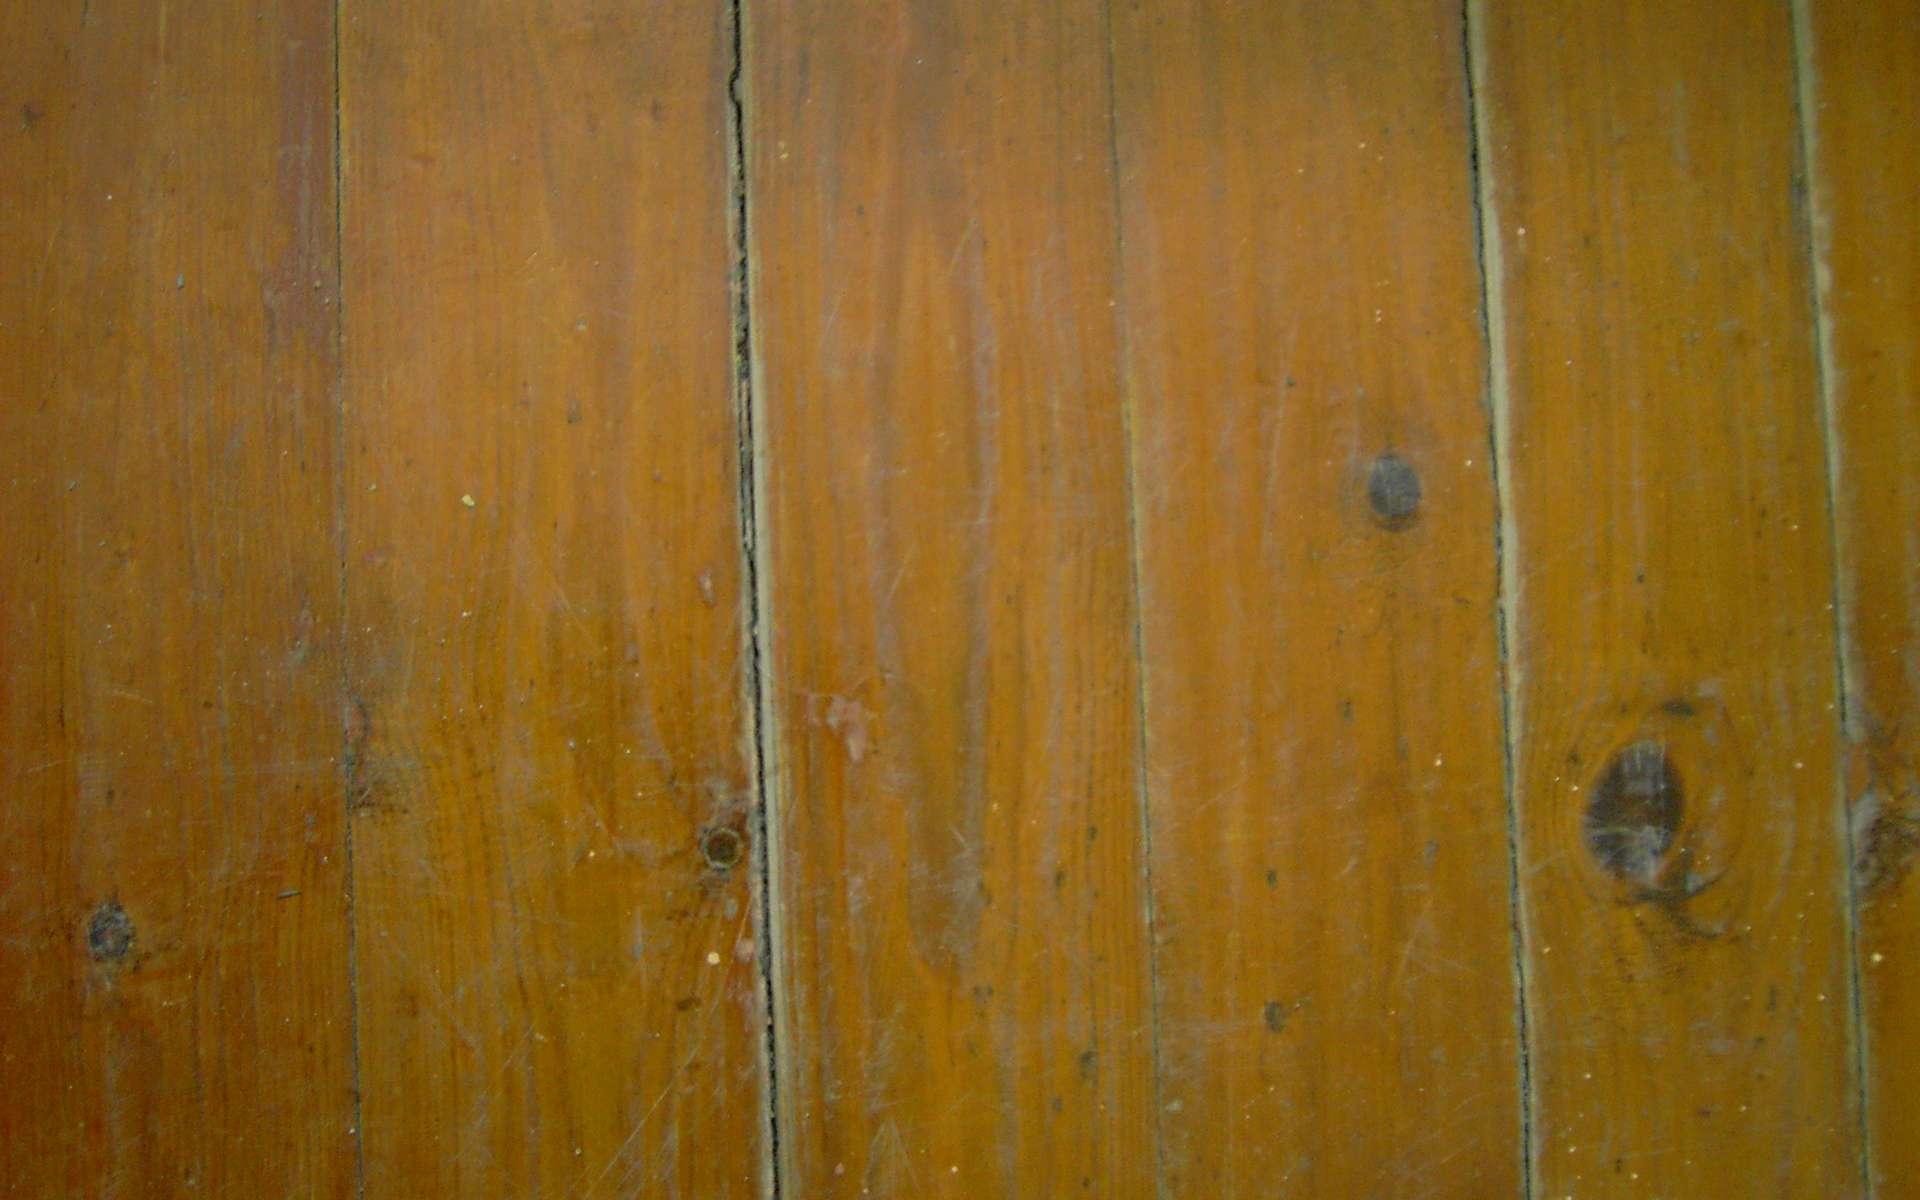 Le parquet traditionnel est un revêtement de sol en bois massif. © Papillus, CC BY-SA 3.0, Wikimedia Commons